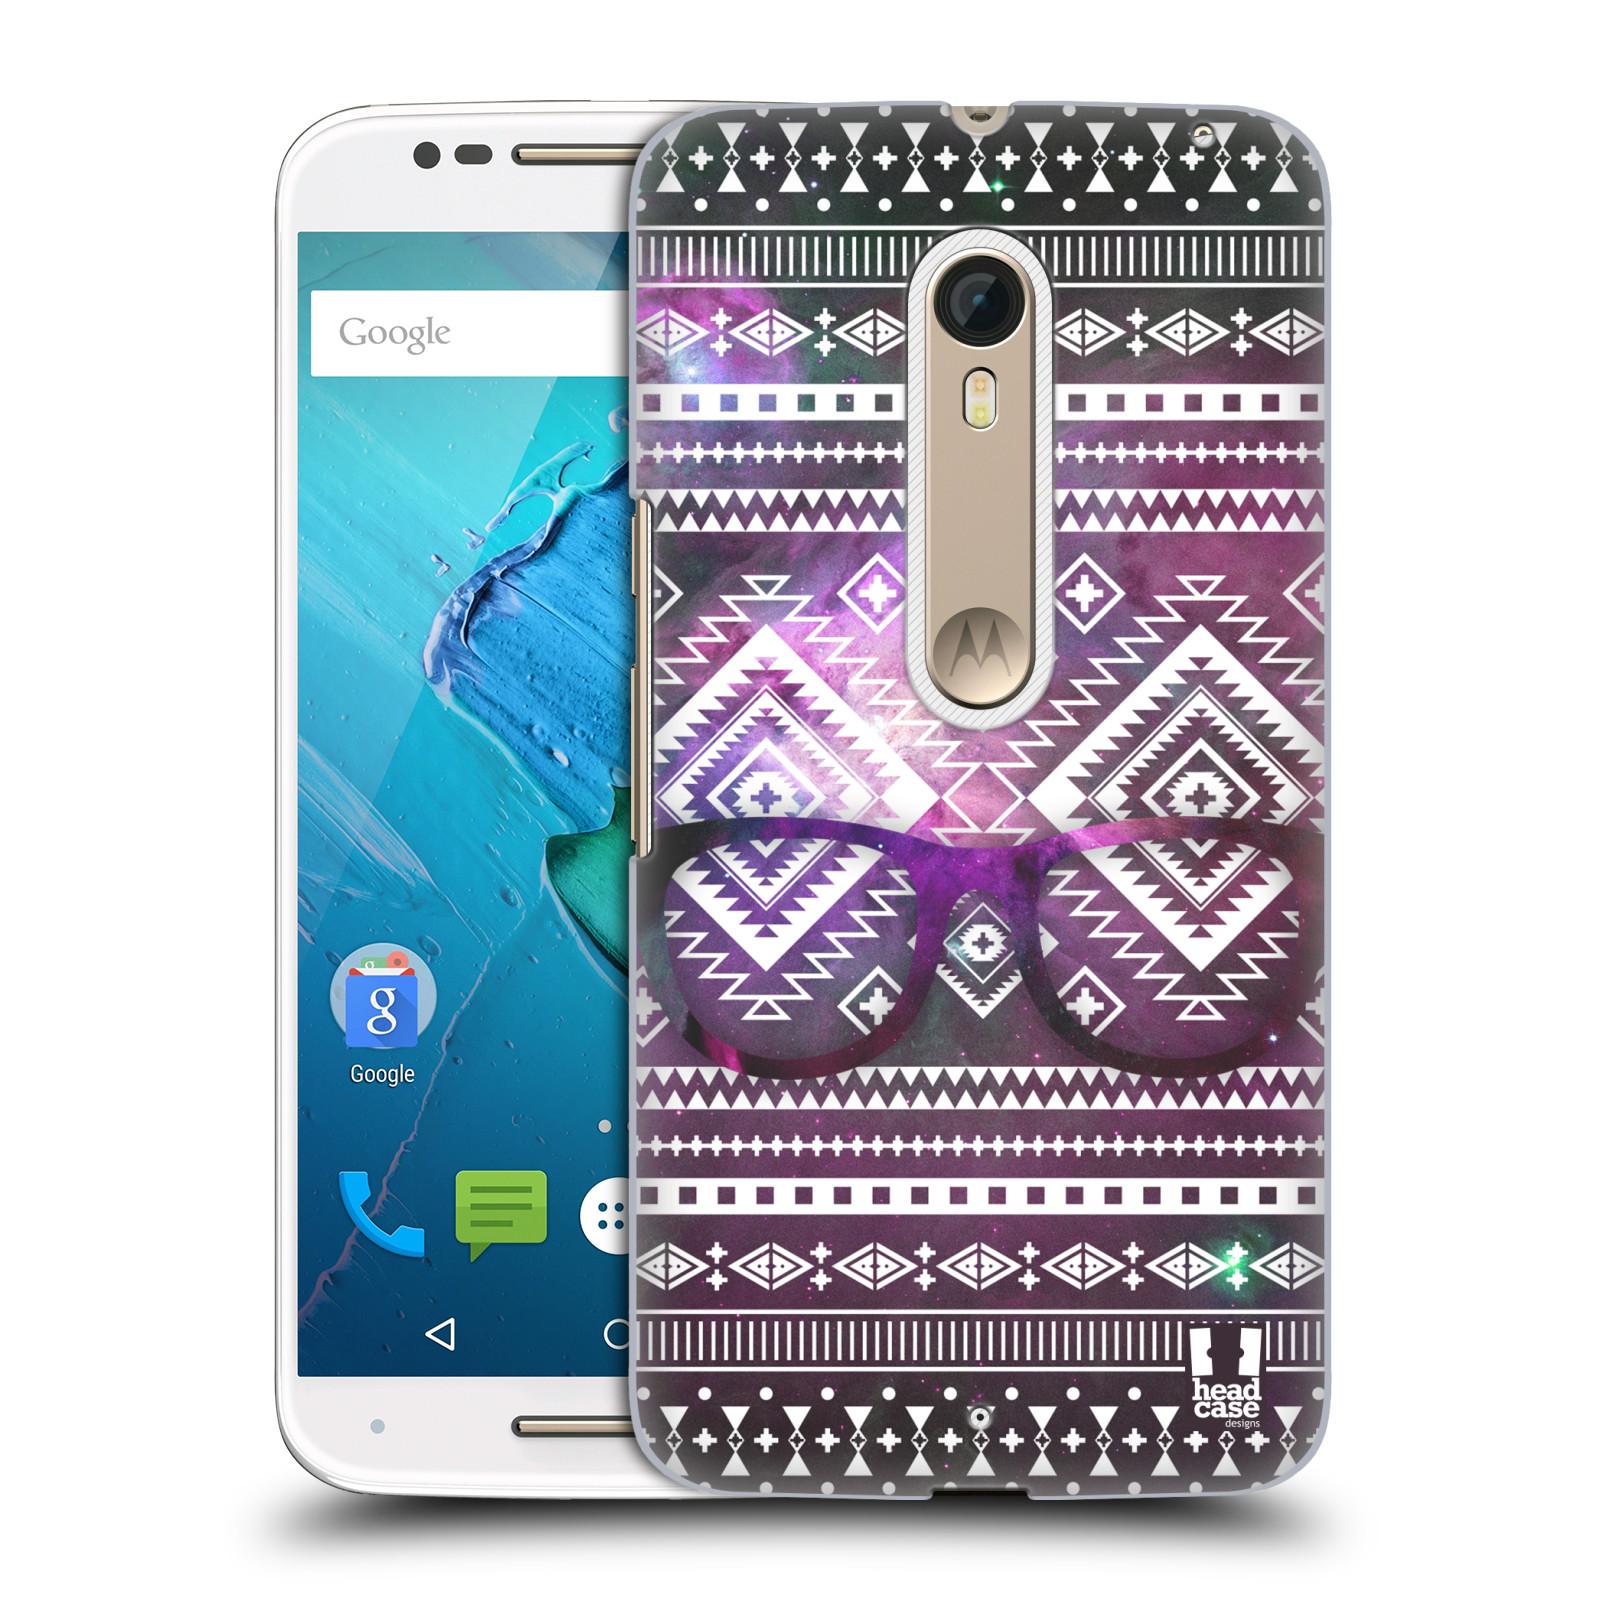 Plastové pouzdro na mobil Motorola Moto X Style HEAD CASE NEBULA BRÝLE (Plastový kryt či obal na mobilní telefon Motorola Moto X Style)